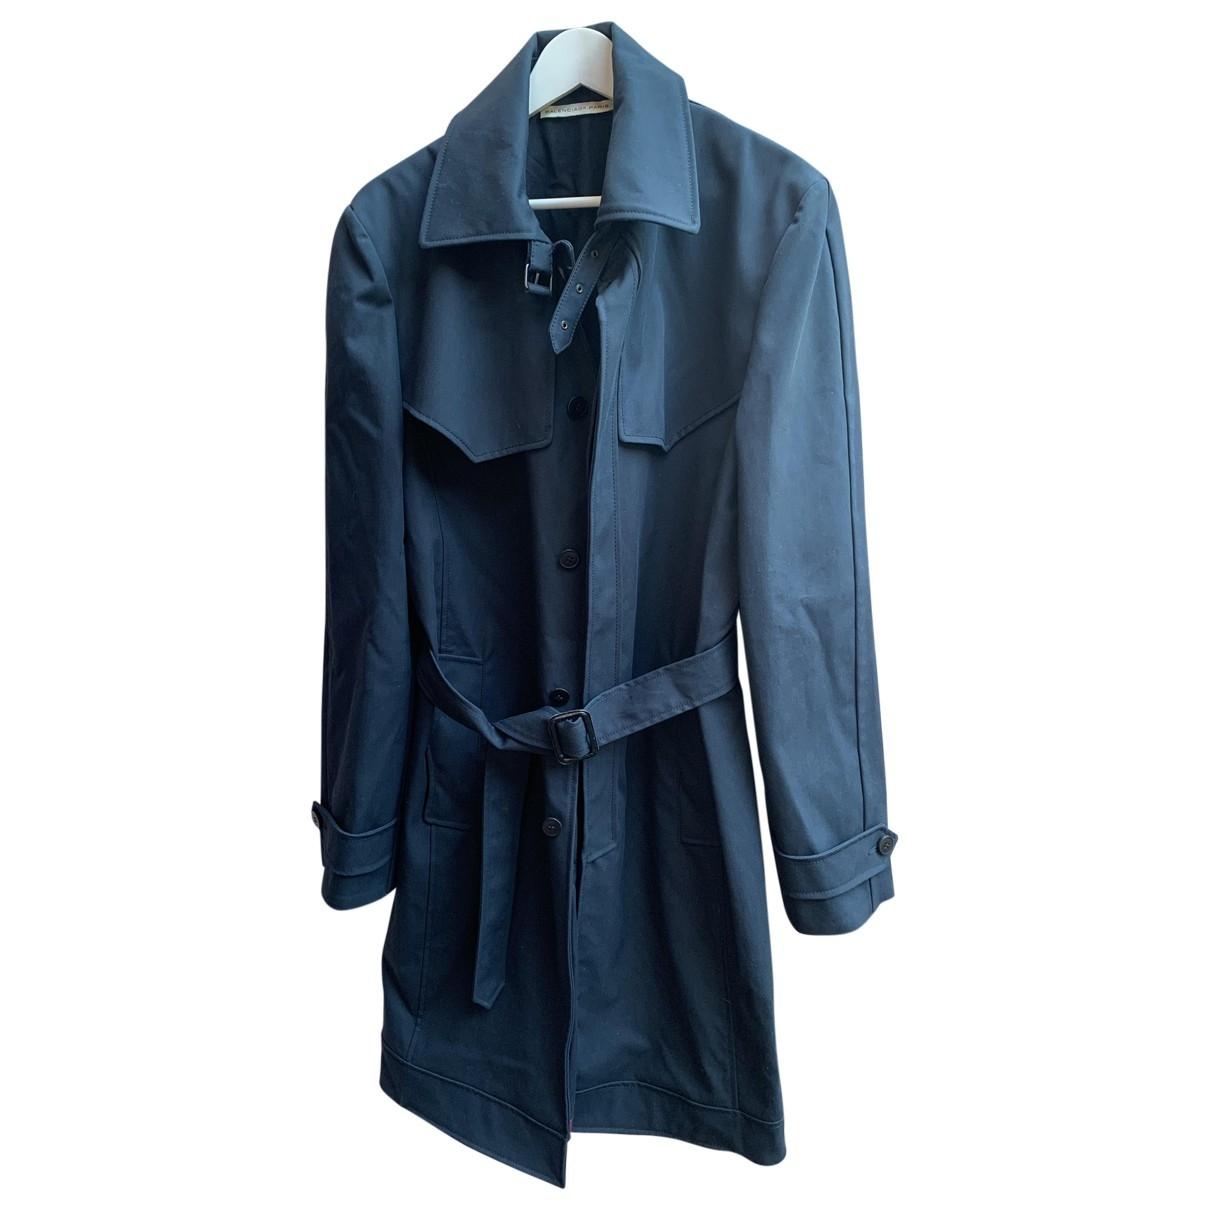 Balenciaga - Manteau   pour homme - bleu